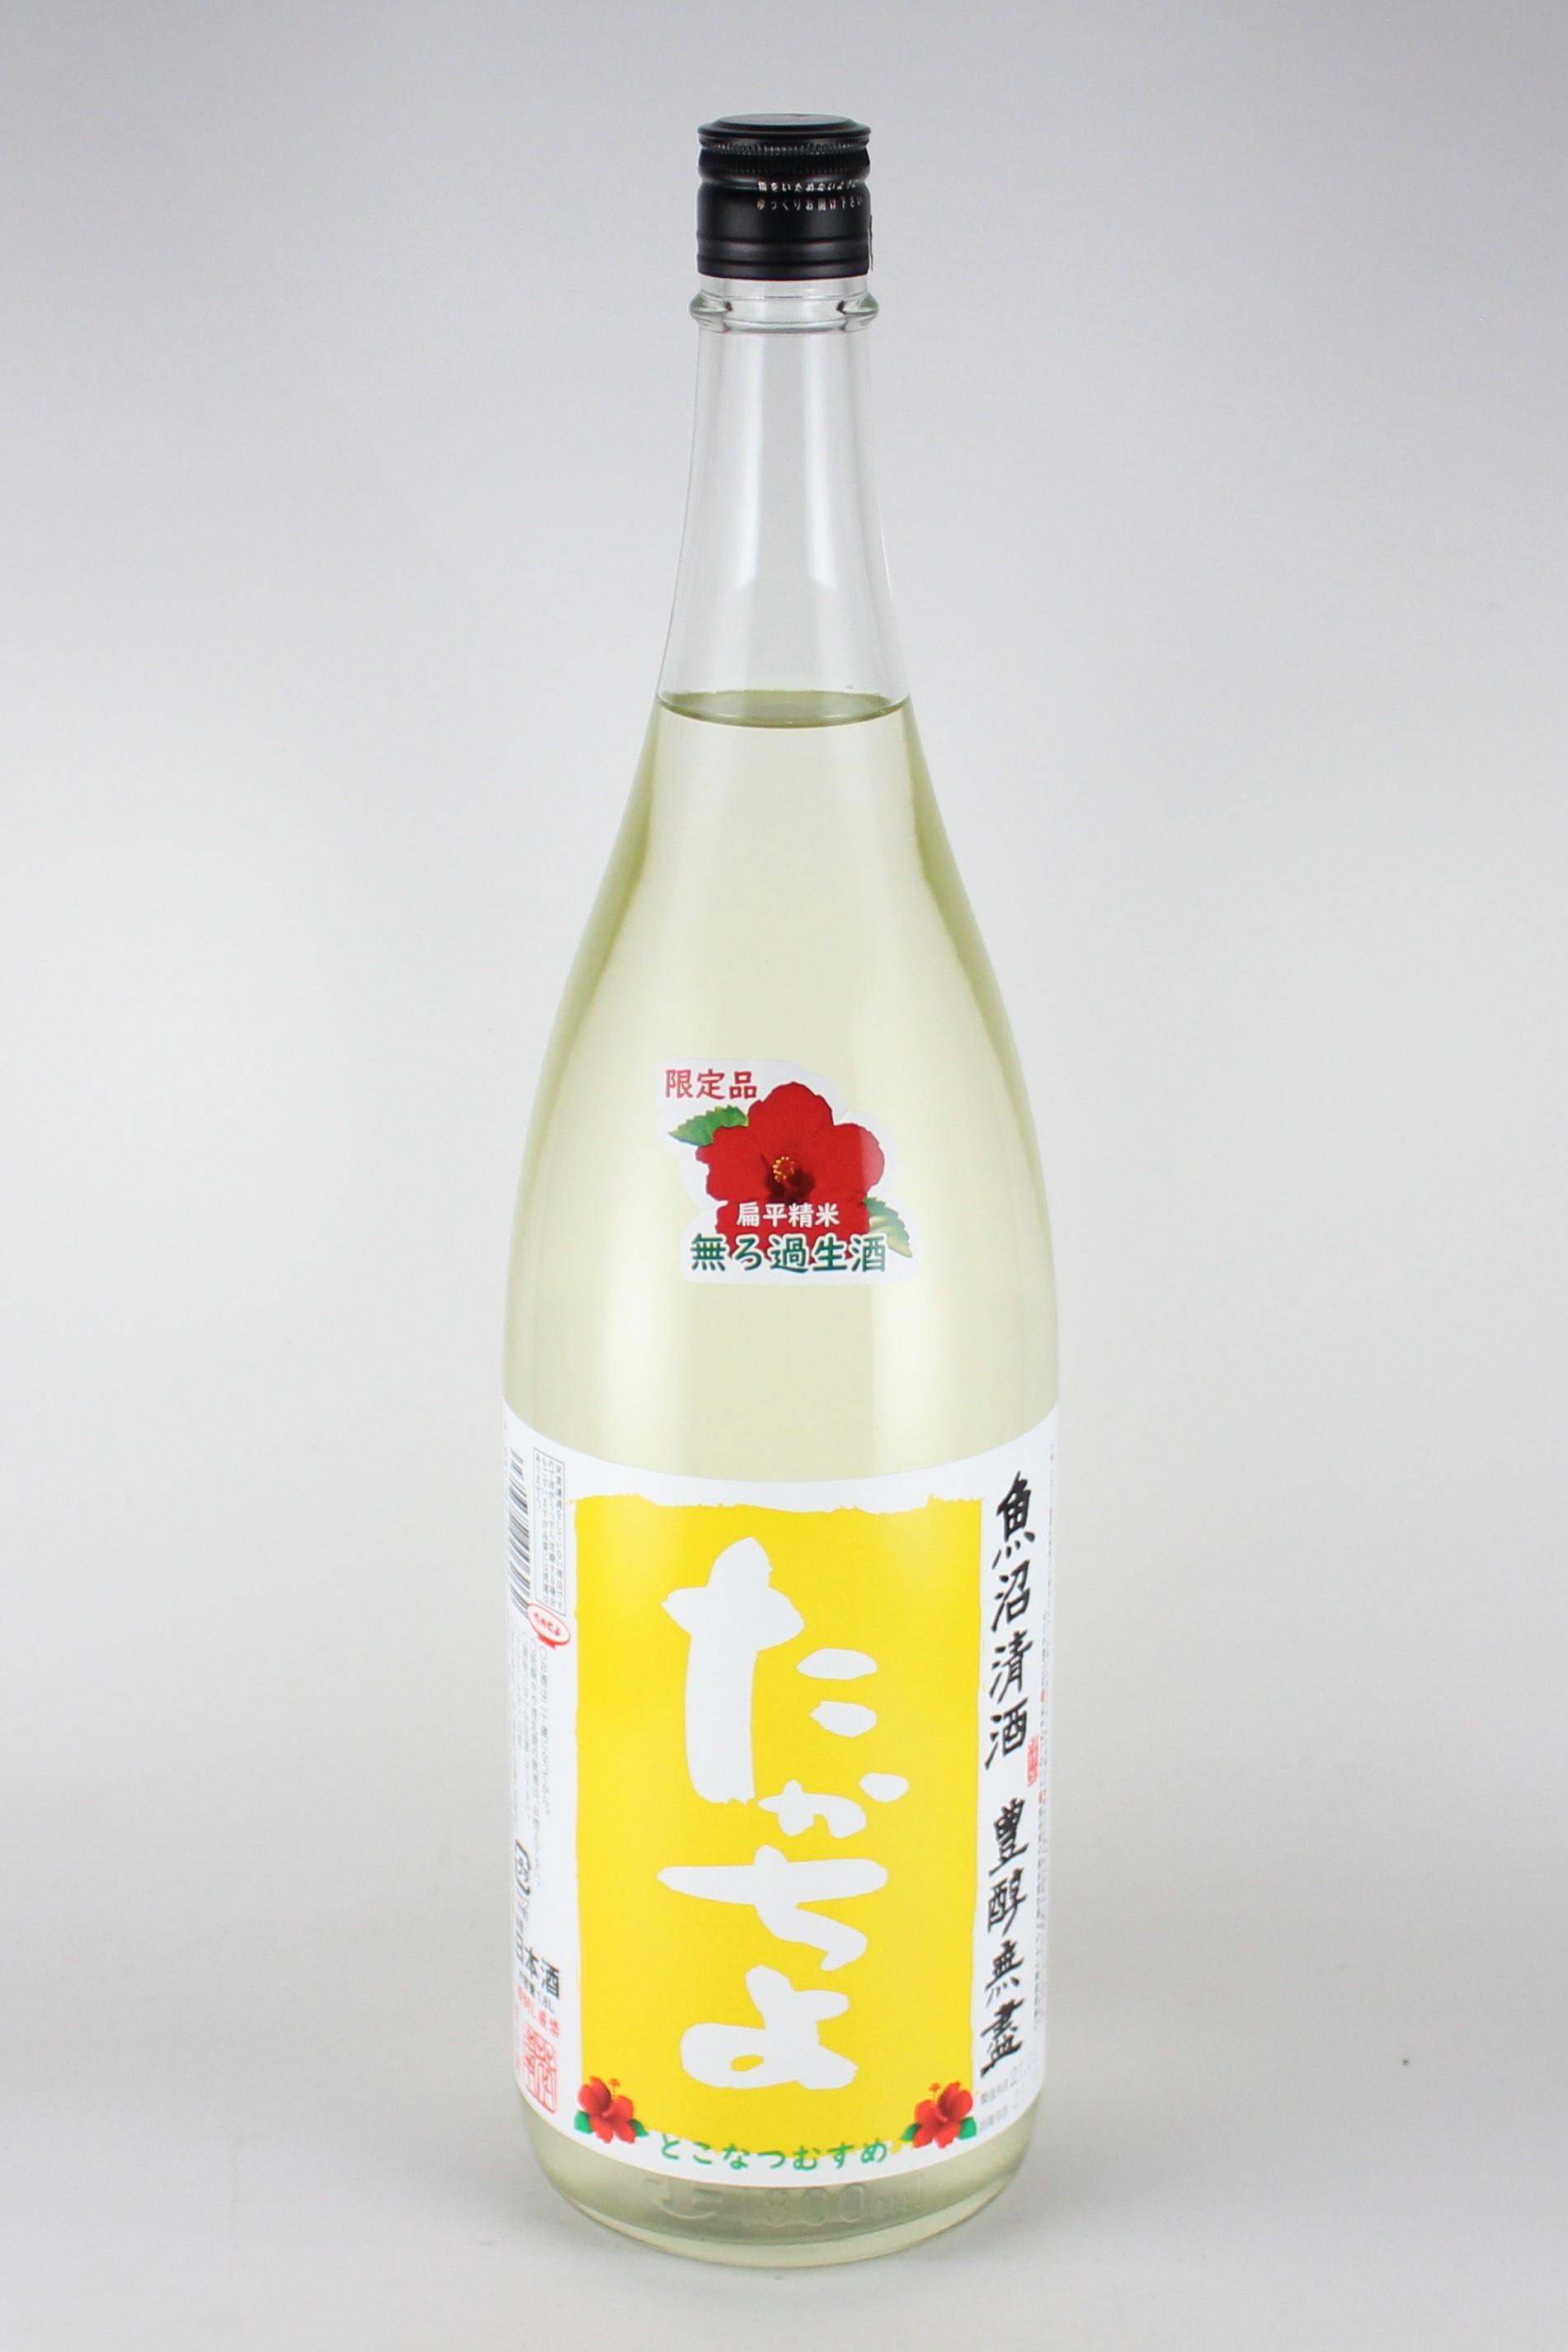 豊醇無盡たかちよ 黄 とこなつむすめ 無濾過生酒 1800ml 【新潟/高千代酒造】